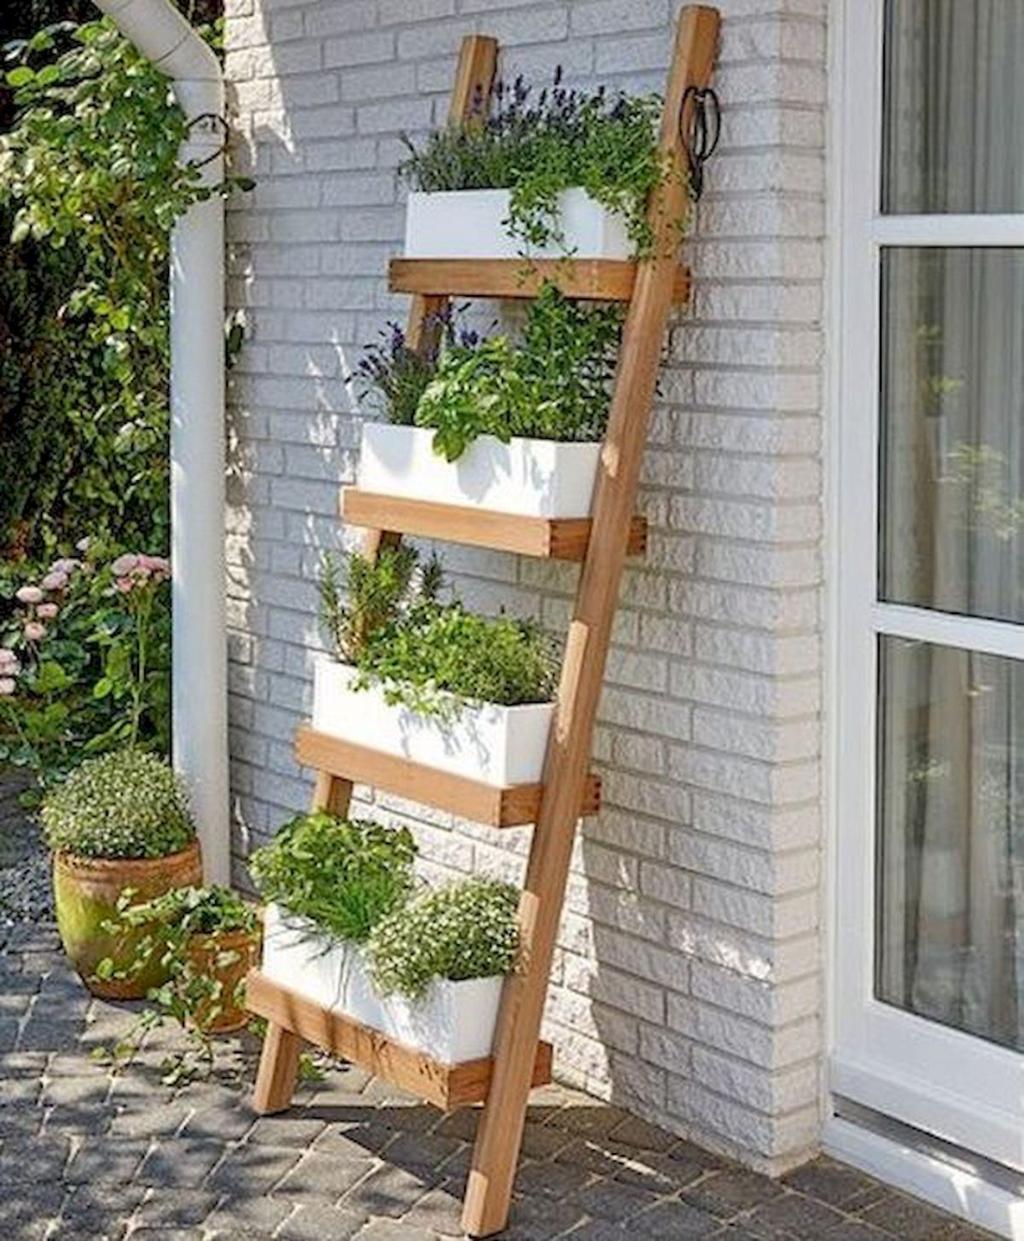 Vertical Herb Garden Ideas: 33 The Best Ladder Garden Planter Ideas In 2020